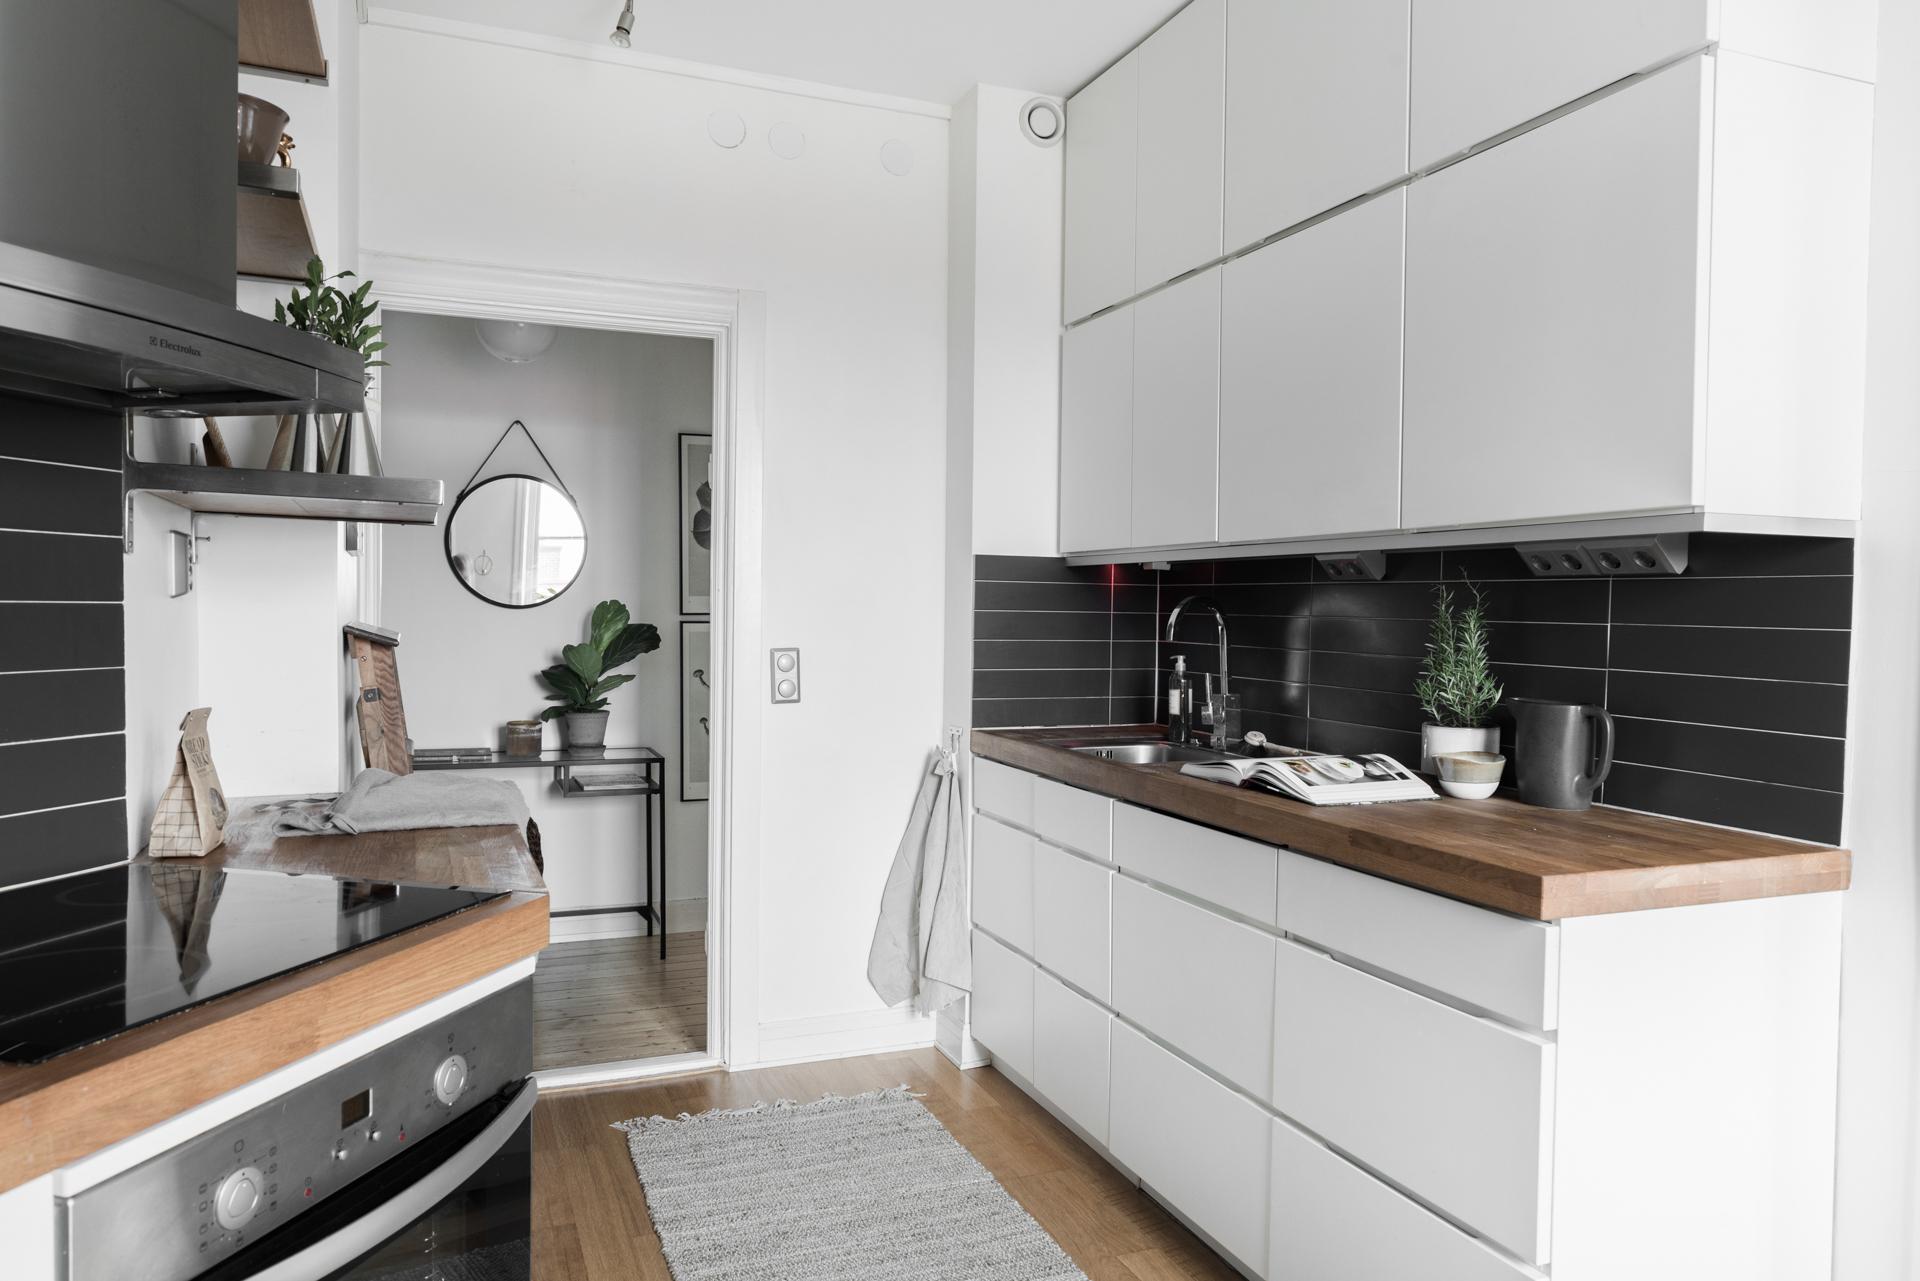 keuken tegels den haag : Check Voor Keuken Inspiratie Eens Dit Huis Interior Junkie